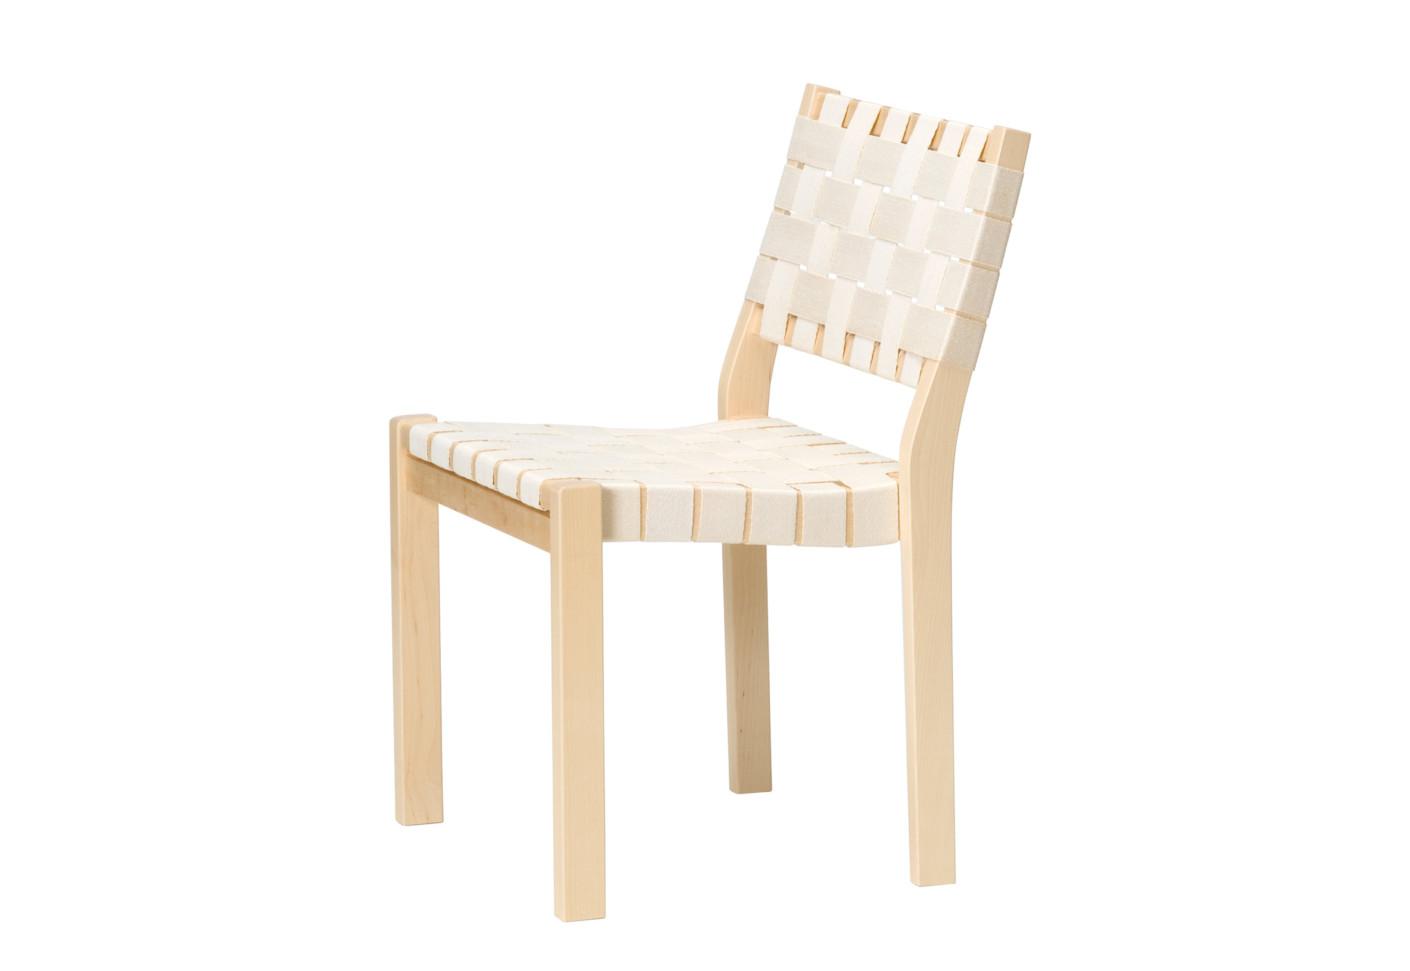 Chair 611 von artek stylepark for Sedia 611 artek